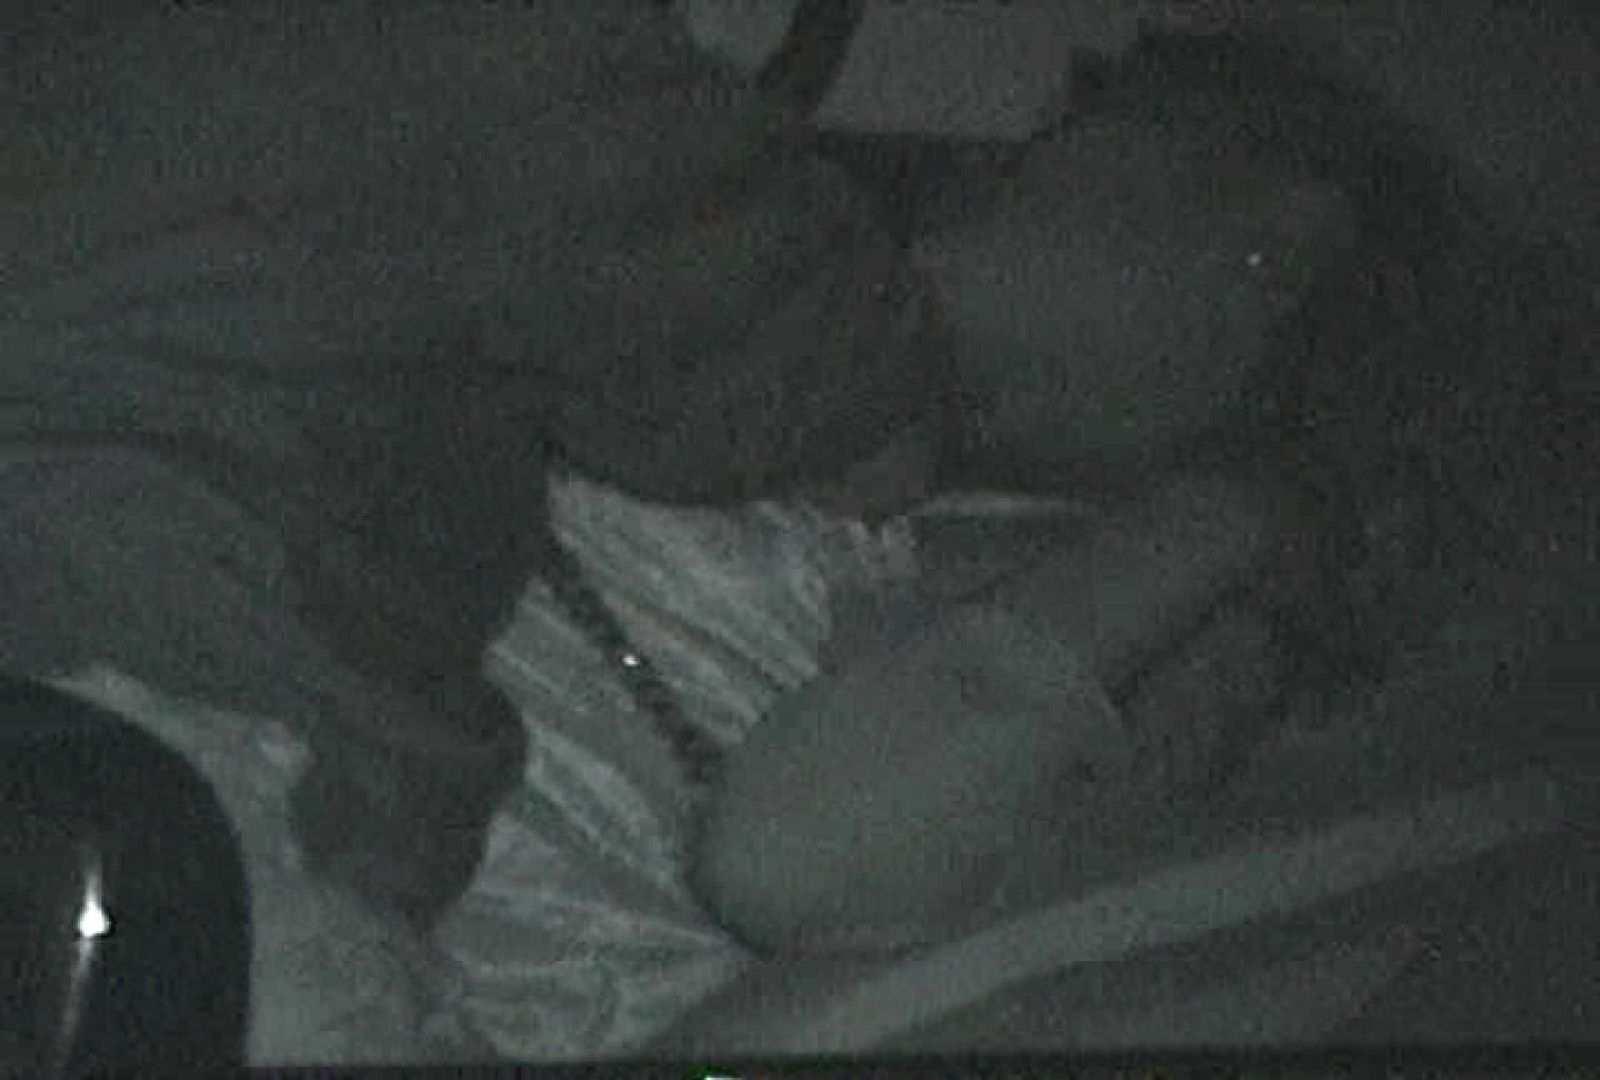 充血監督の深夜の運動会Vol.89 カップル SEX無修正画像 87pic 3